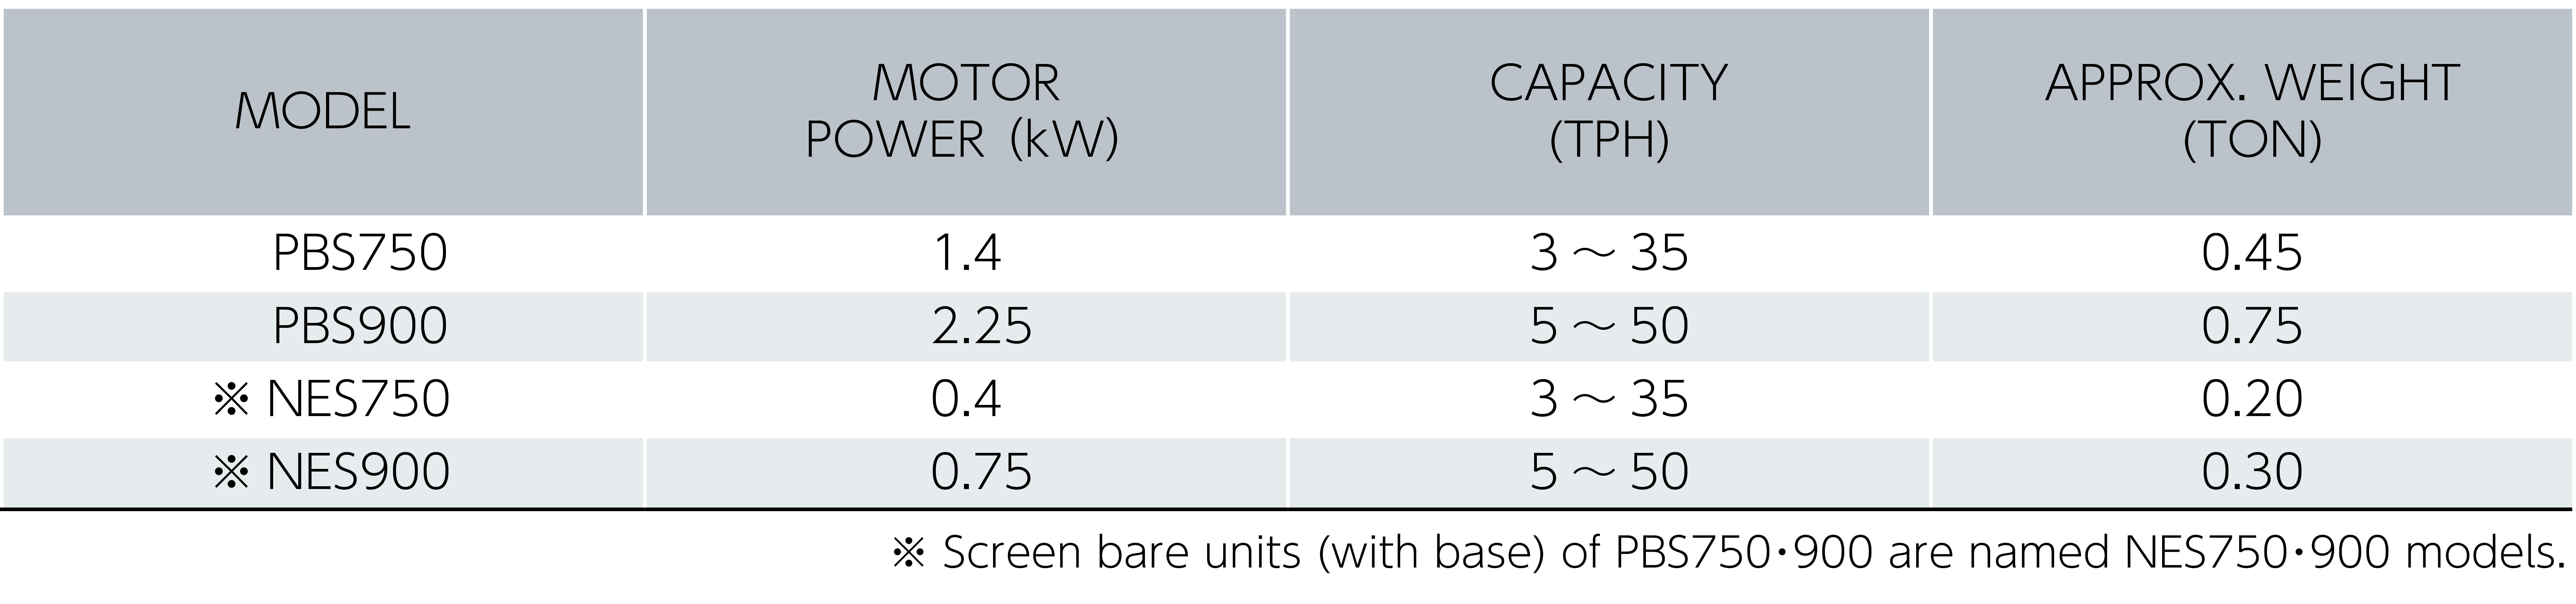 小型選別機 スクリーンキッズ 仕様表